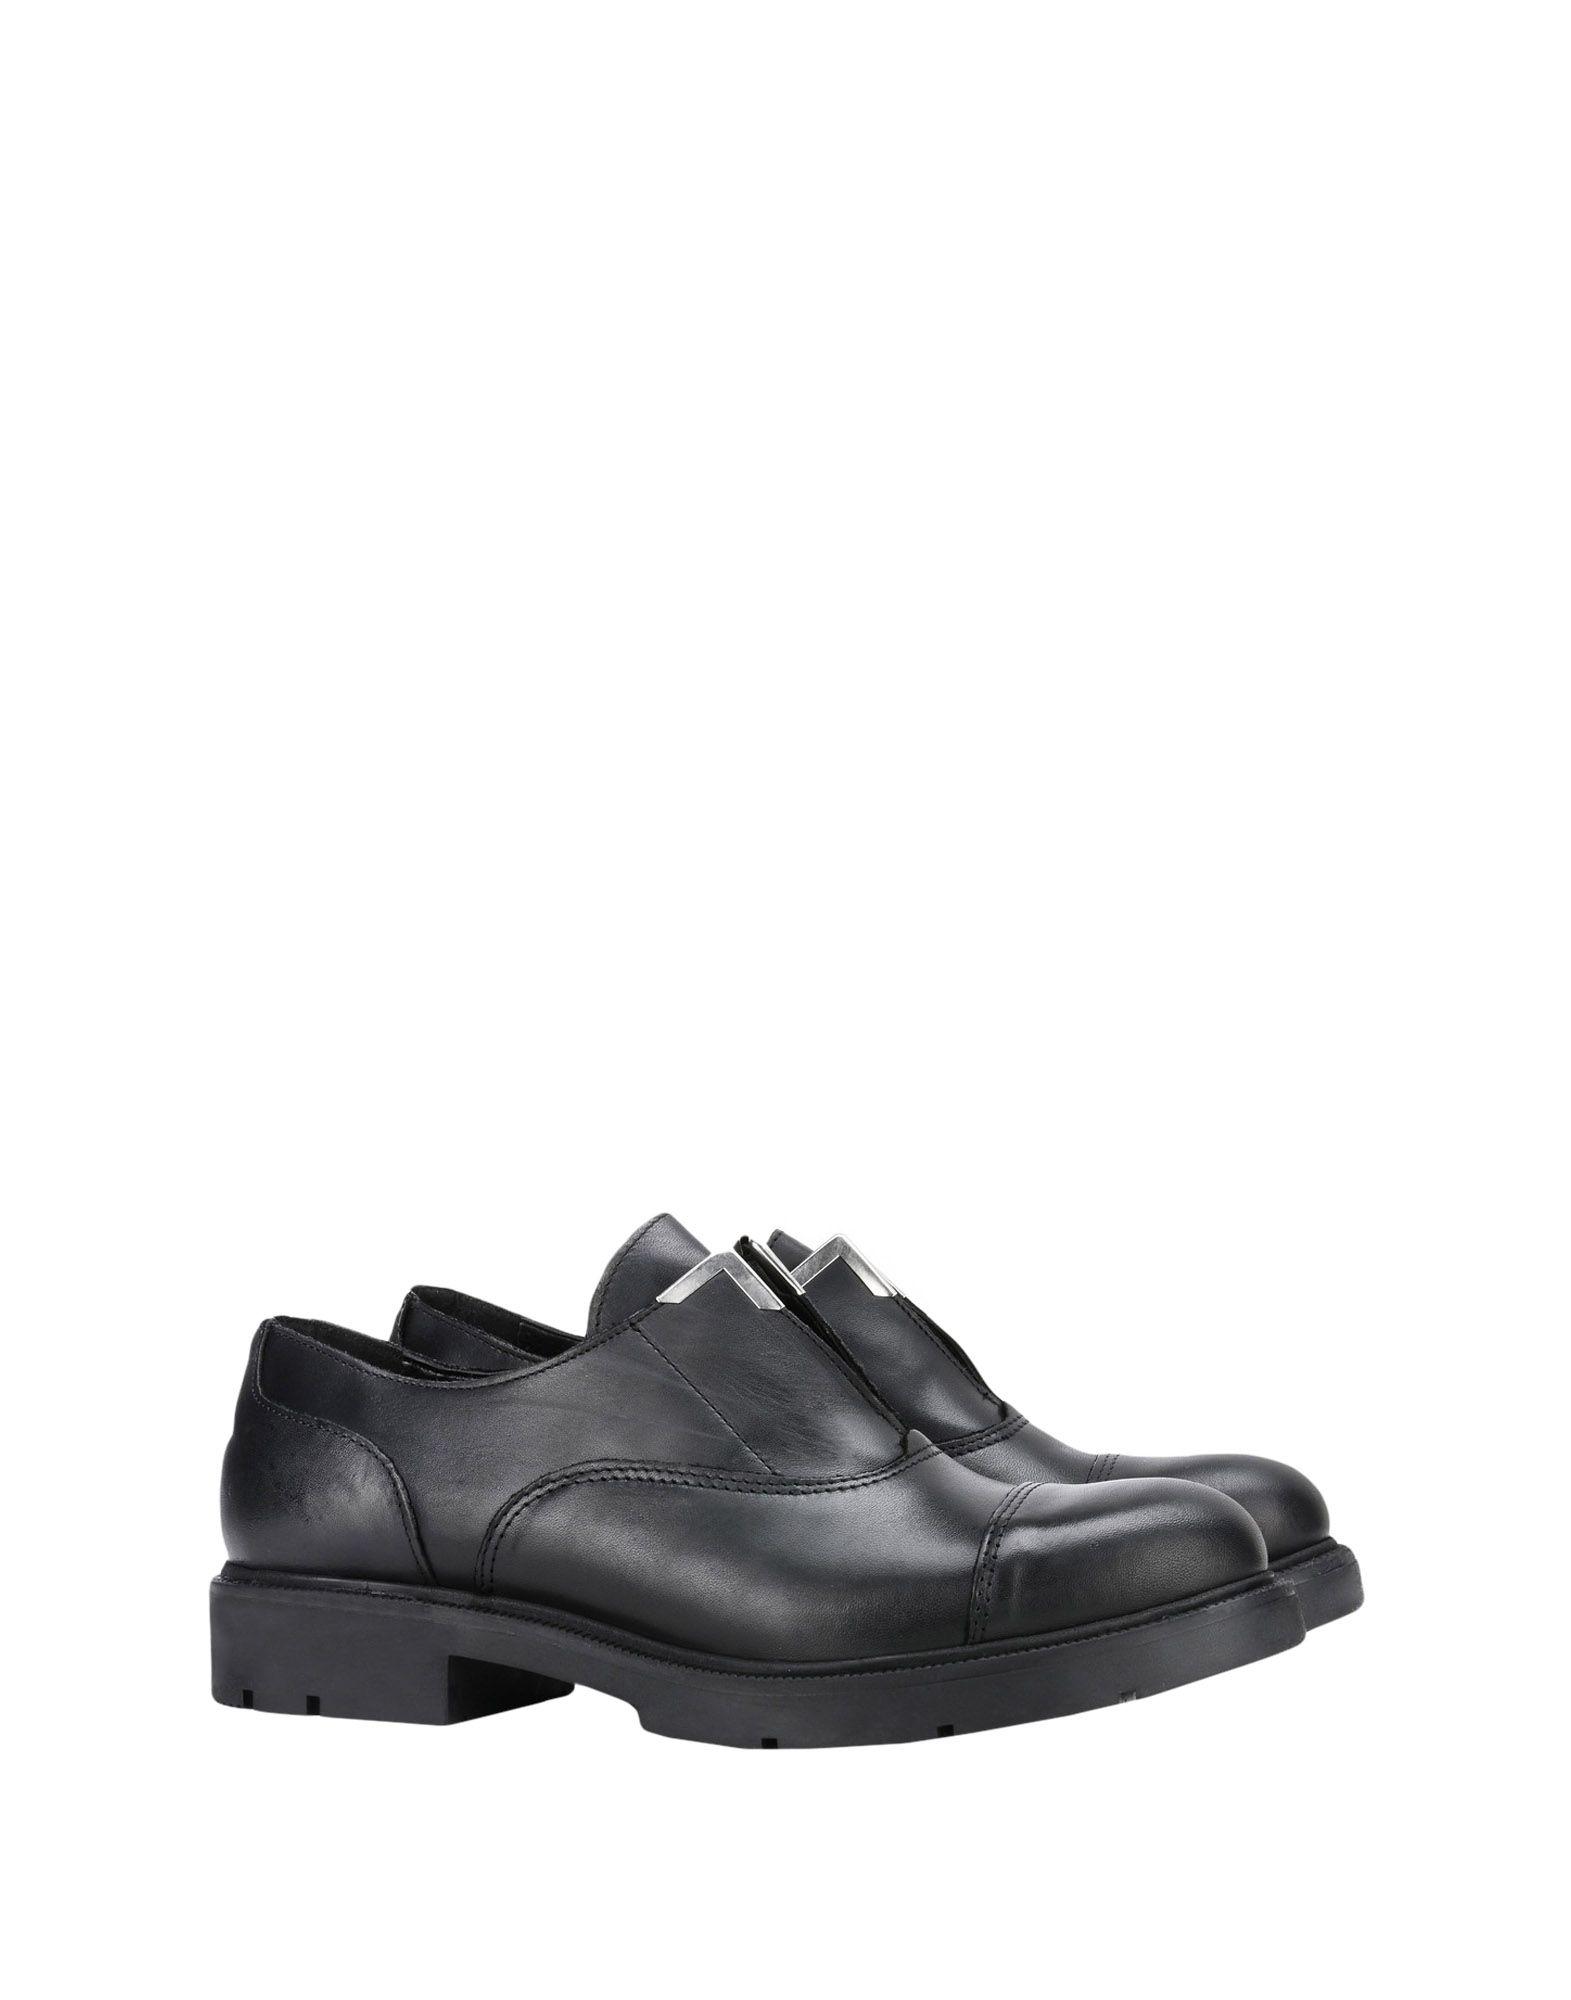 George J. Love Mokassins Damen  11405234NO Schuhe Gute Qualität beliebte Schuhe 11405234NO 3ecb29